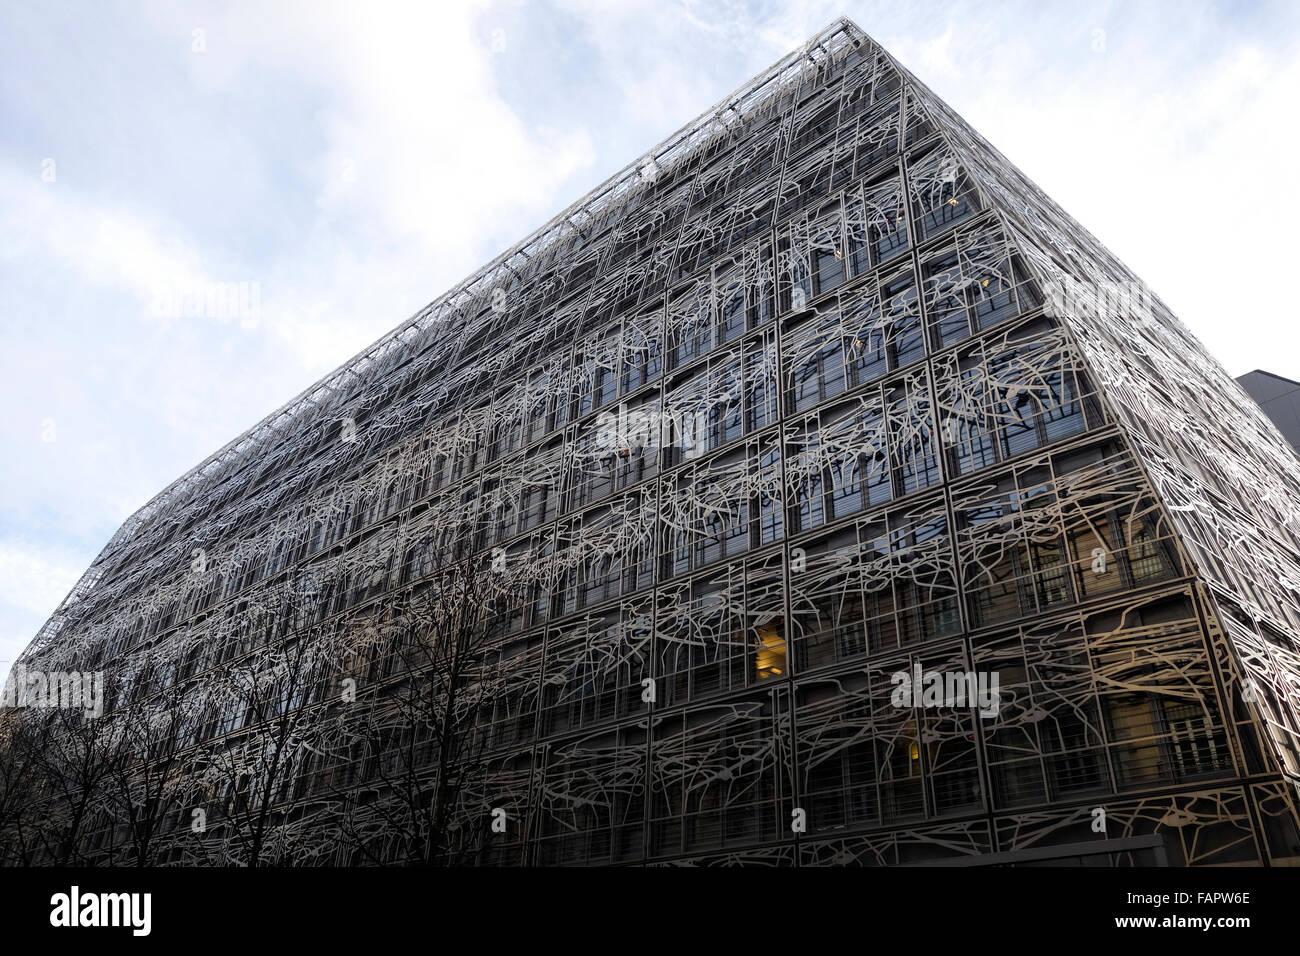 Metal decoración en estilo Art Nouveau, en el edificio del Ministerio de Cultura y Comunicación, París, Francia. Foto de stock